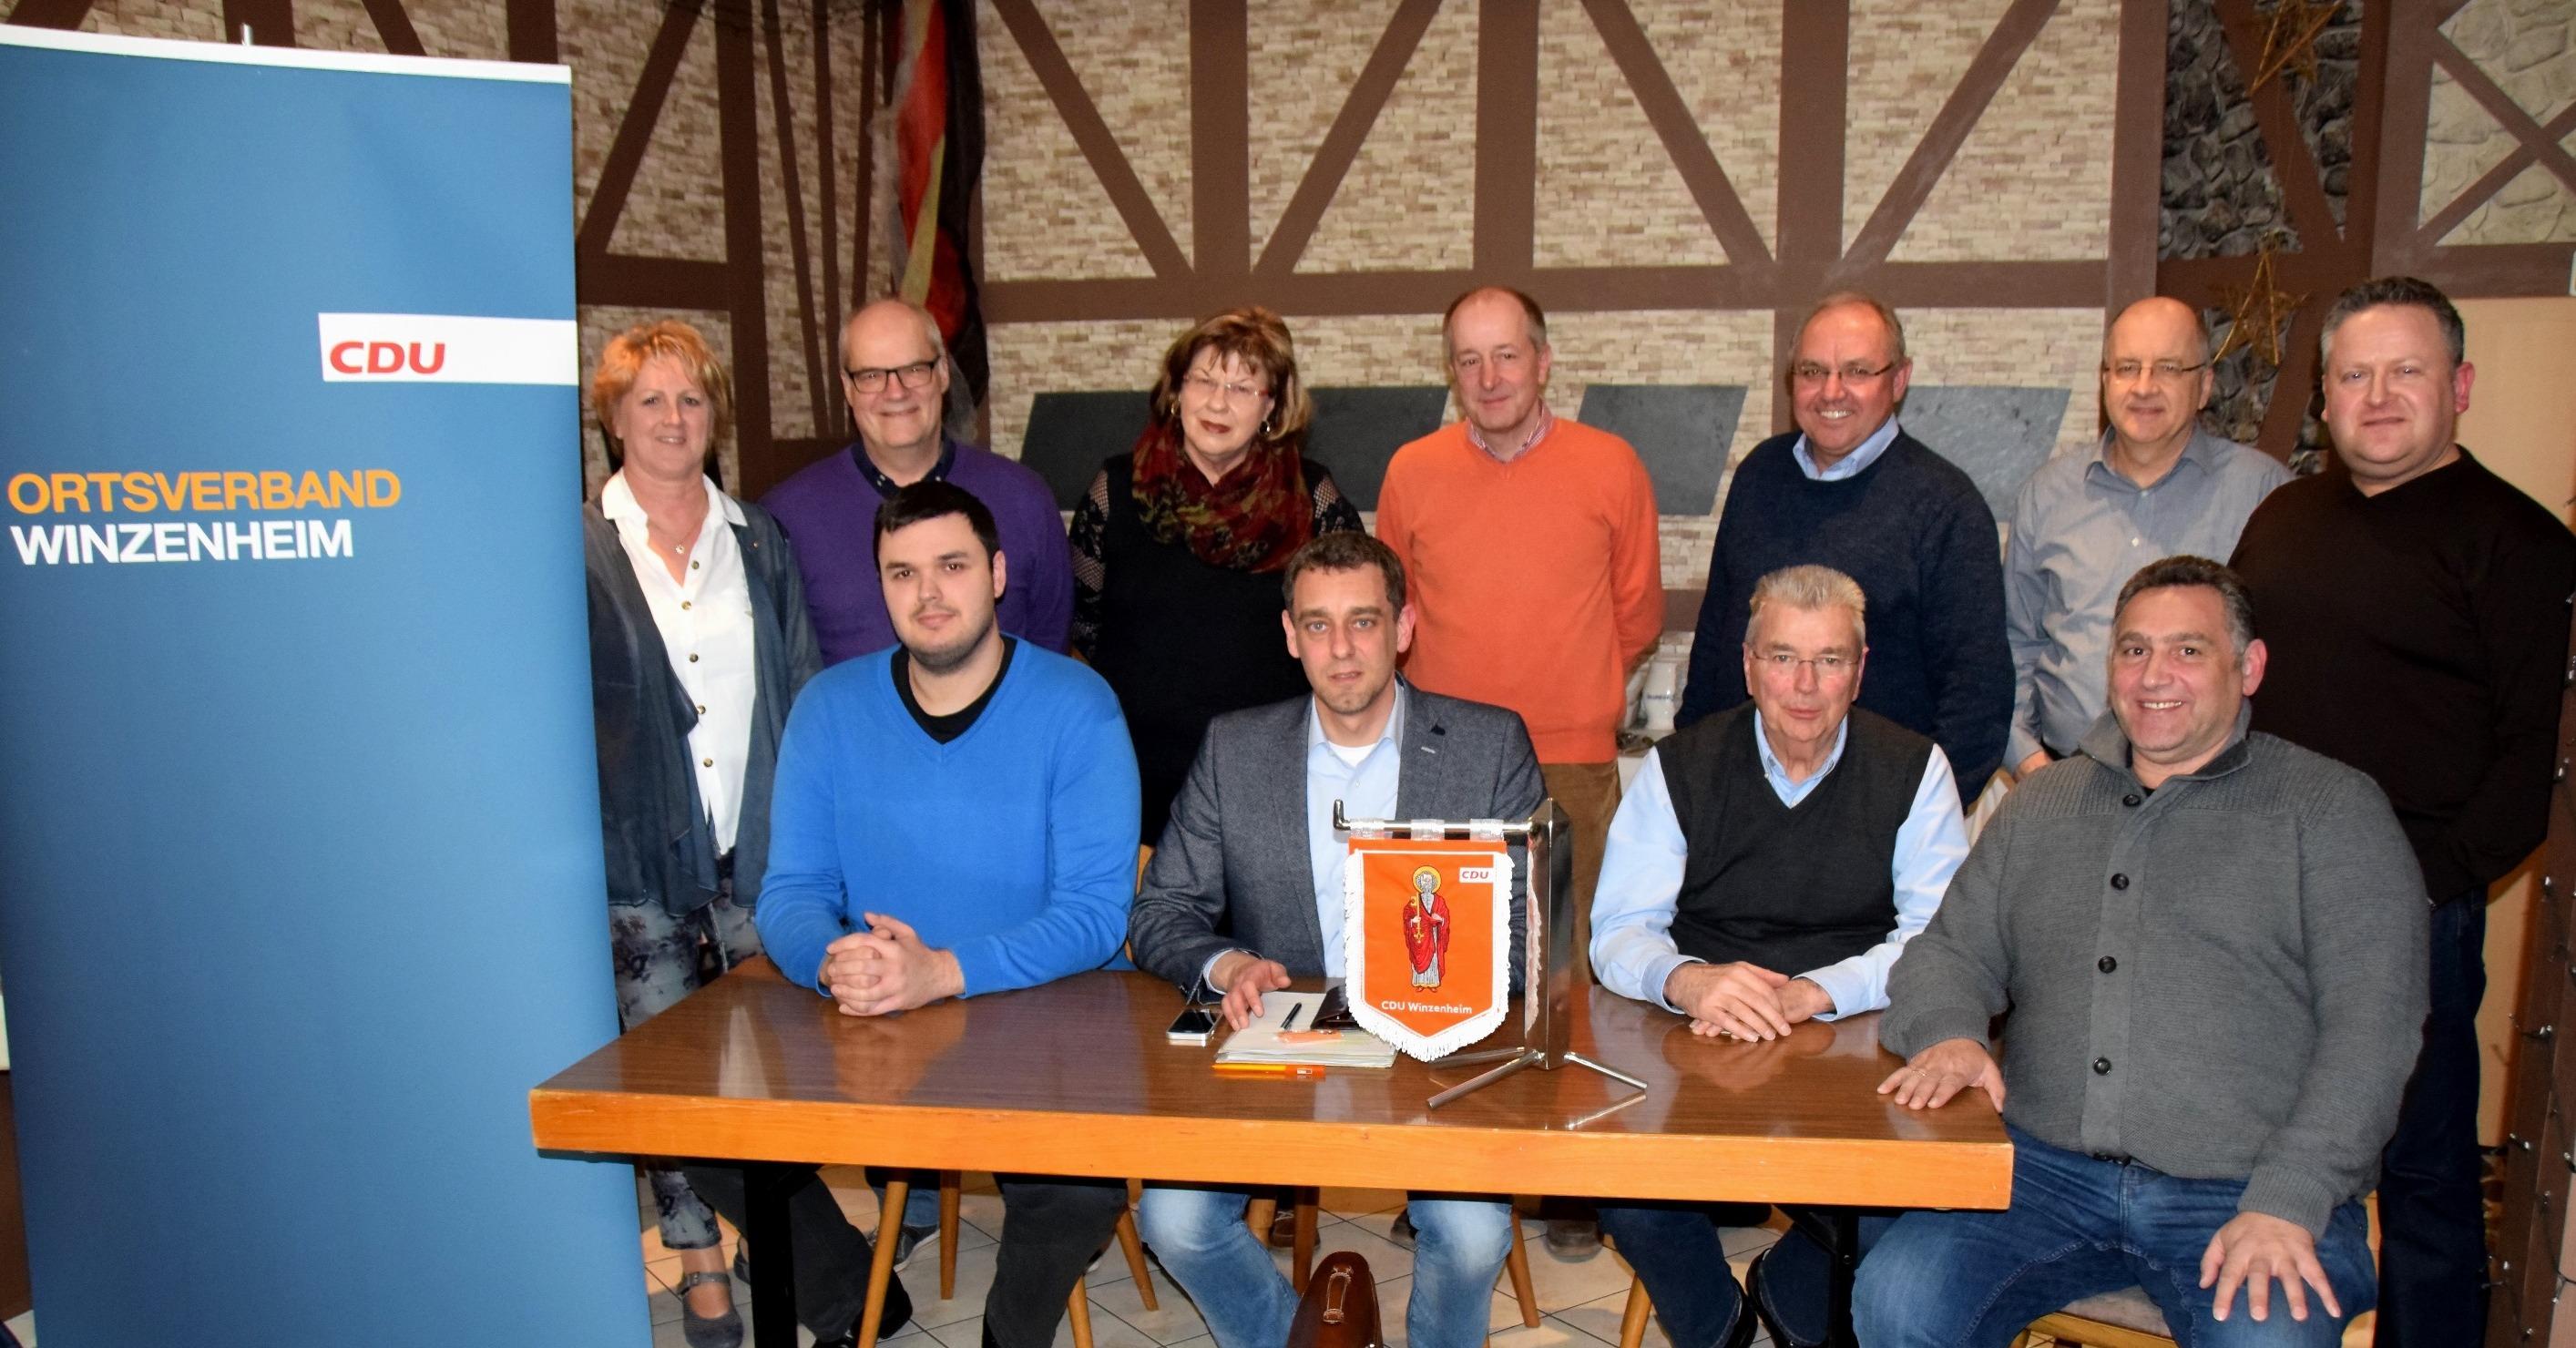 CDU: CDU Winzenheim hat einen neuen Vorstand